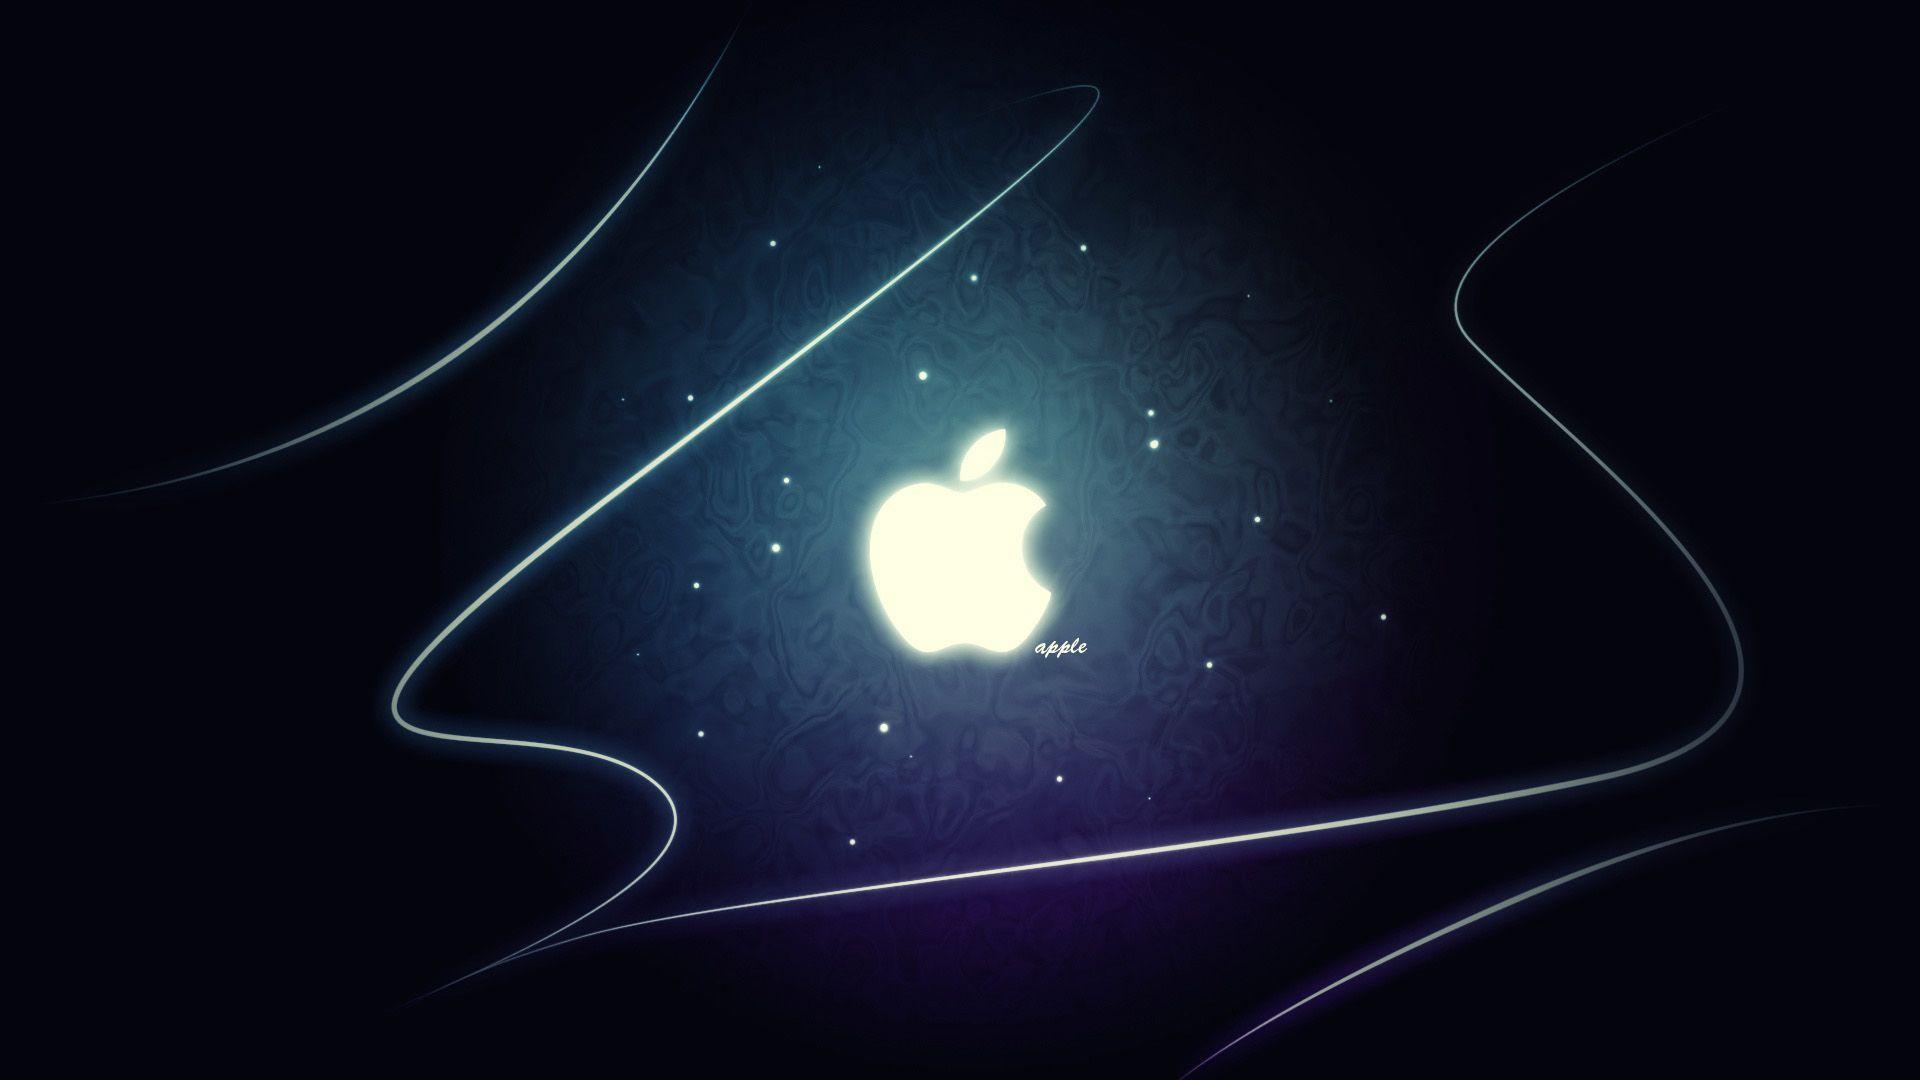 desktop wallpapers mac background software respect business